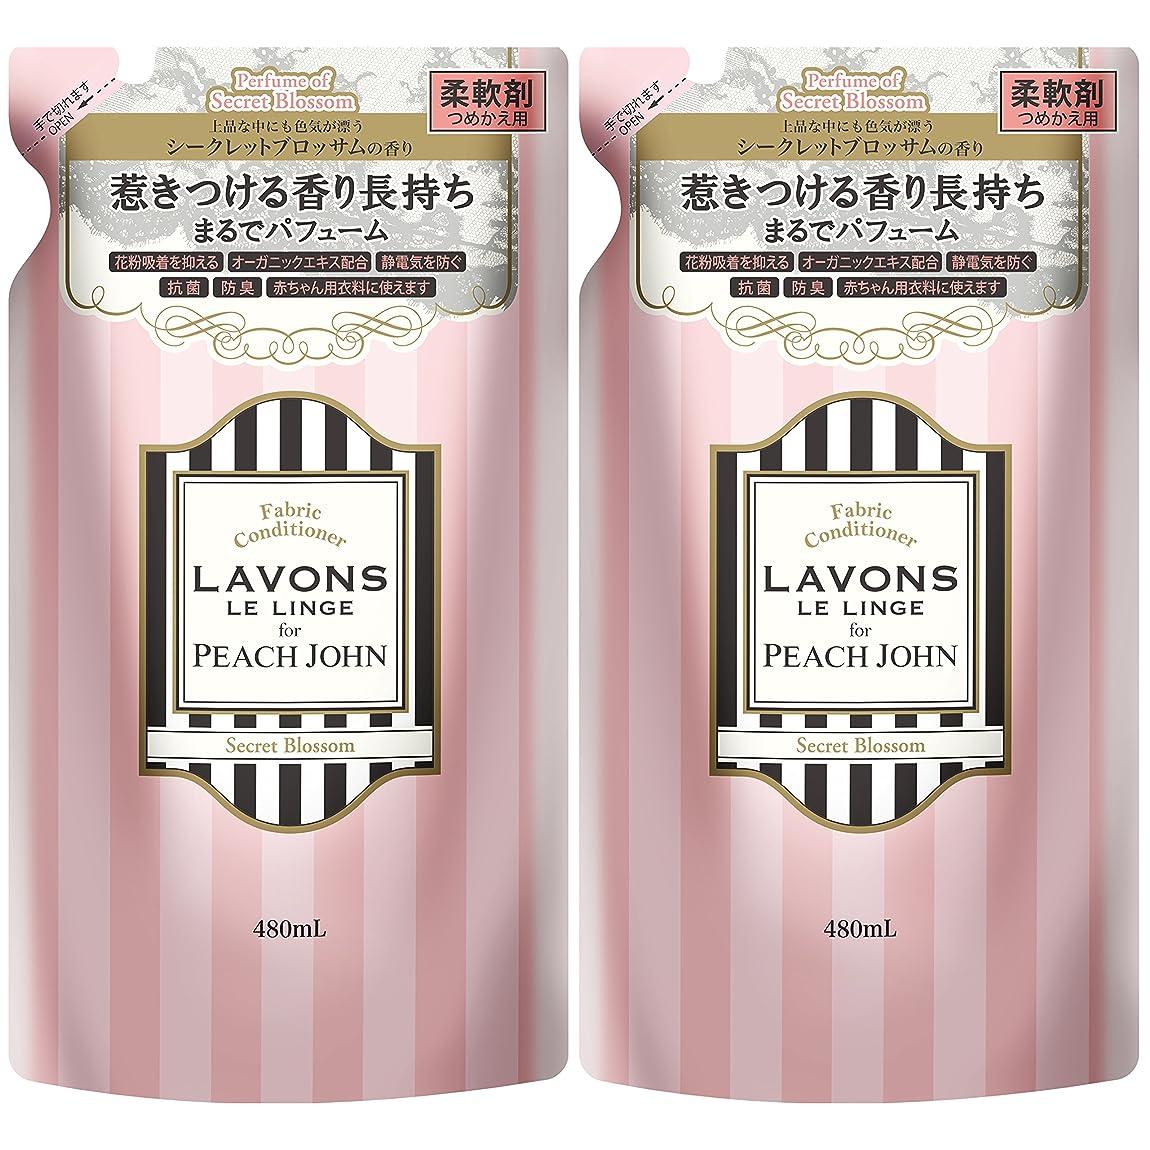 瞑想ほこりっぽい人物ラボン ( Lavons )  柔軟剤 詰替え PJ シークレットブロッサムの香り  2個